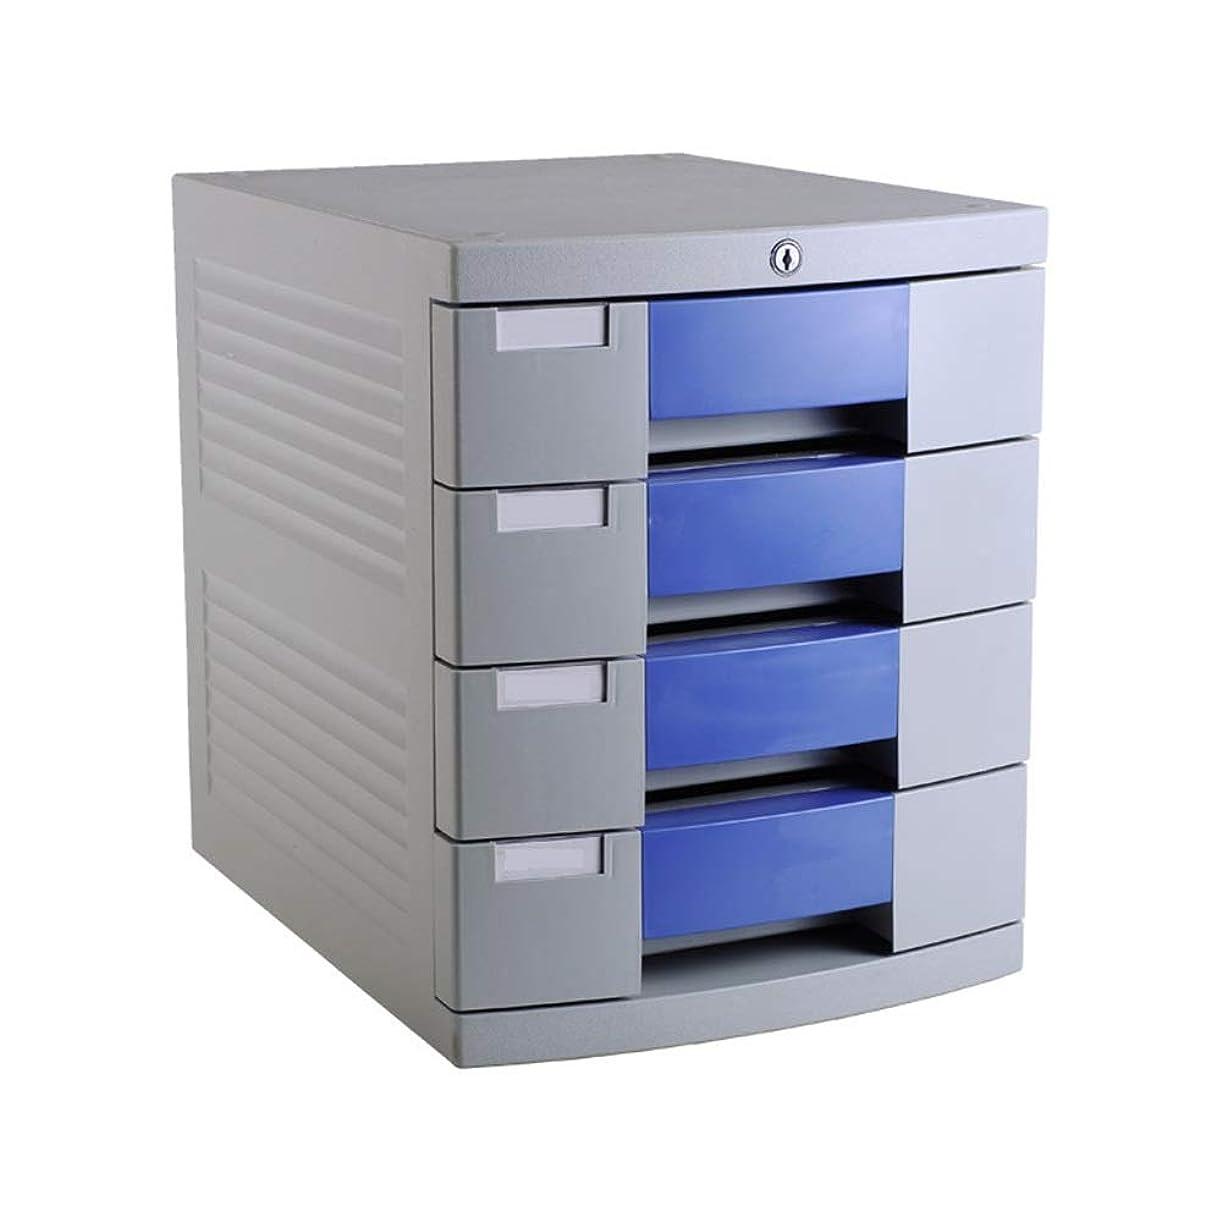 腐敗した不適当公然とレターケース 4層は、収集を容易にするために、データファイルキャビネットの収納キャビネットに大容量の収納スペースを終え、デスクトップのファイルキャビネットキャビネットをロック 書類トレー (Color : White, Size : 36.6x38.2x29.8cm)